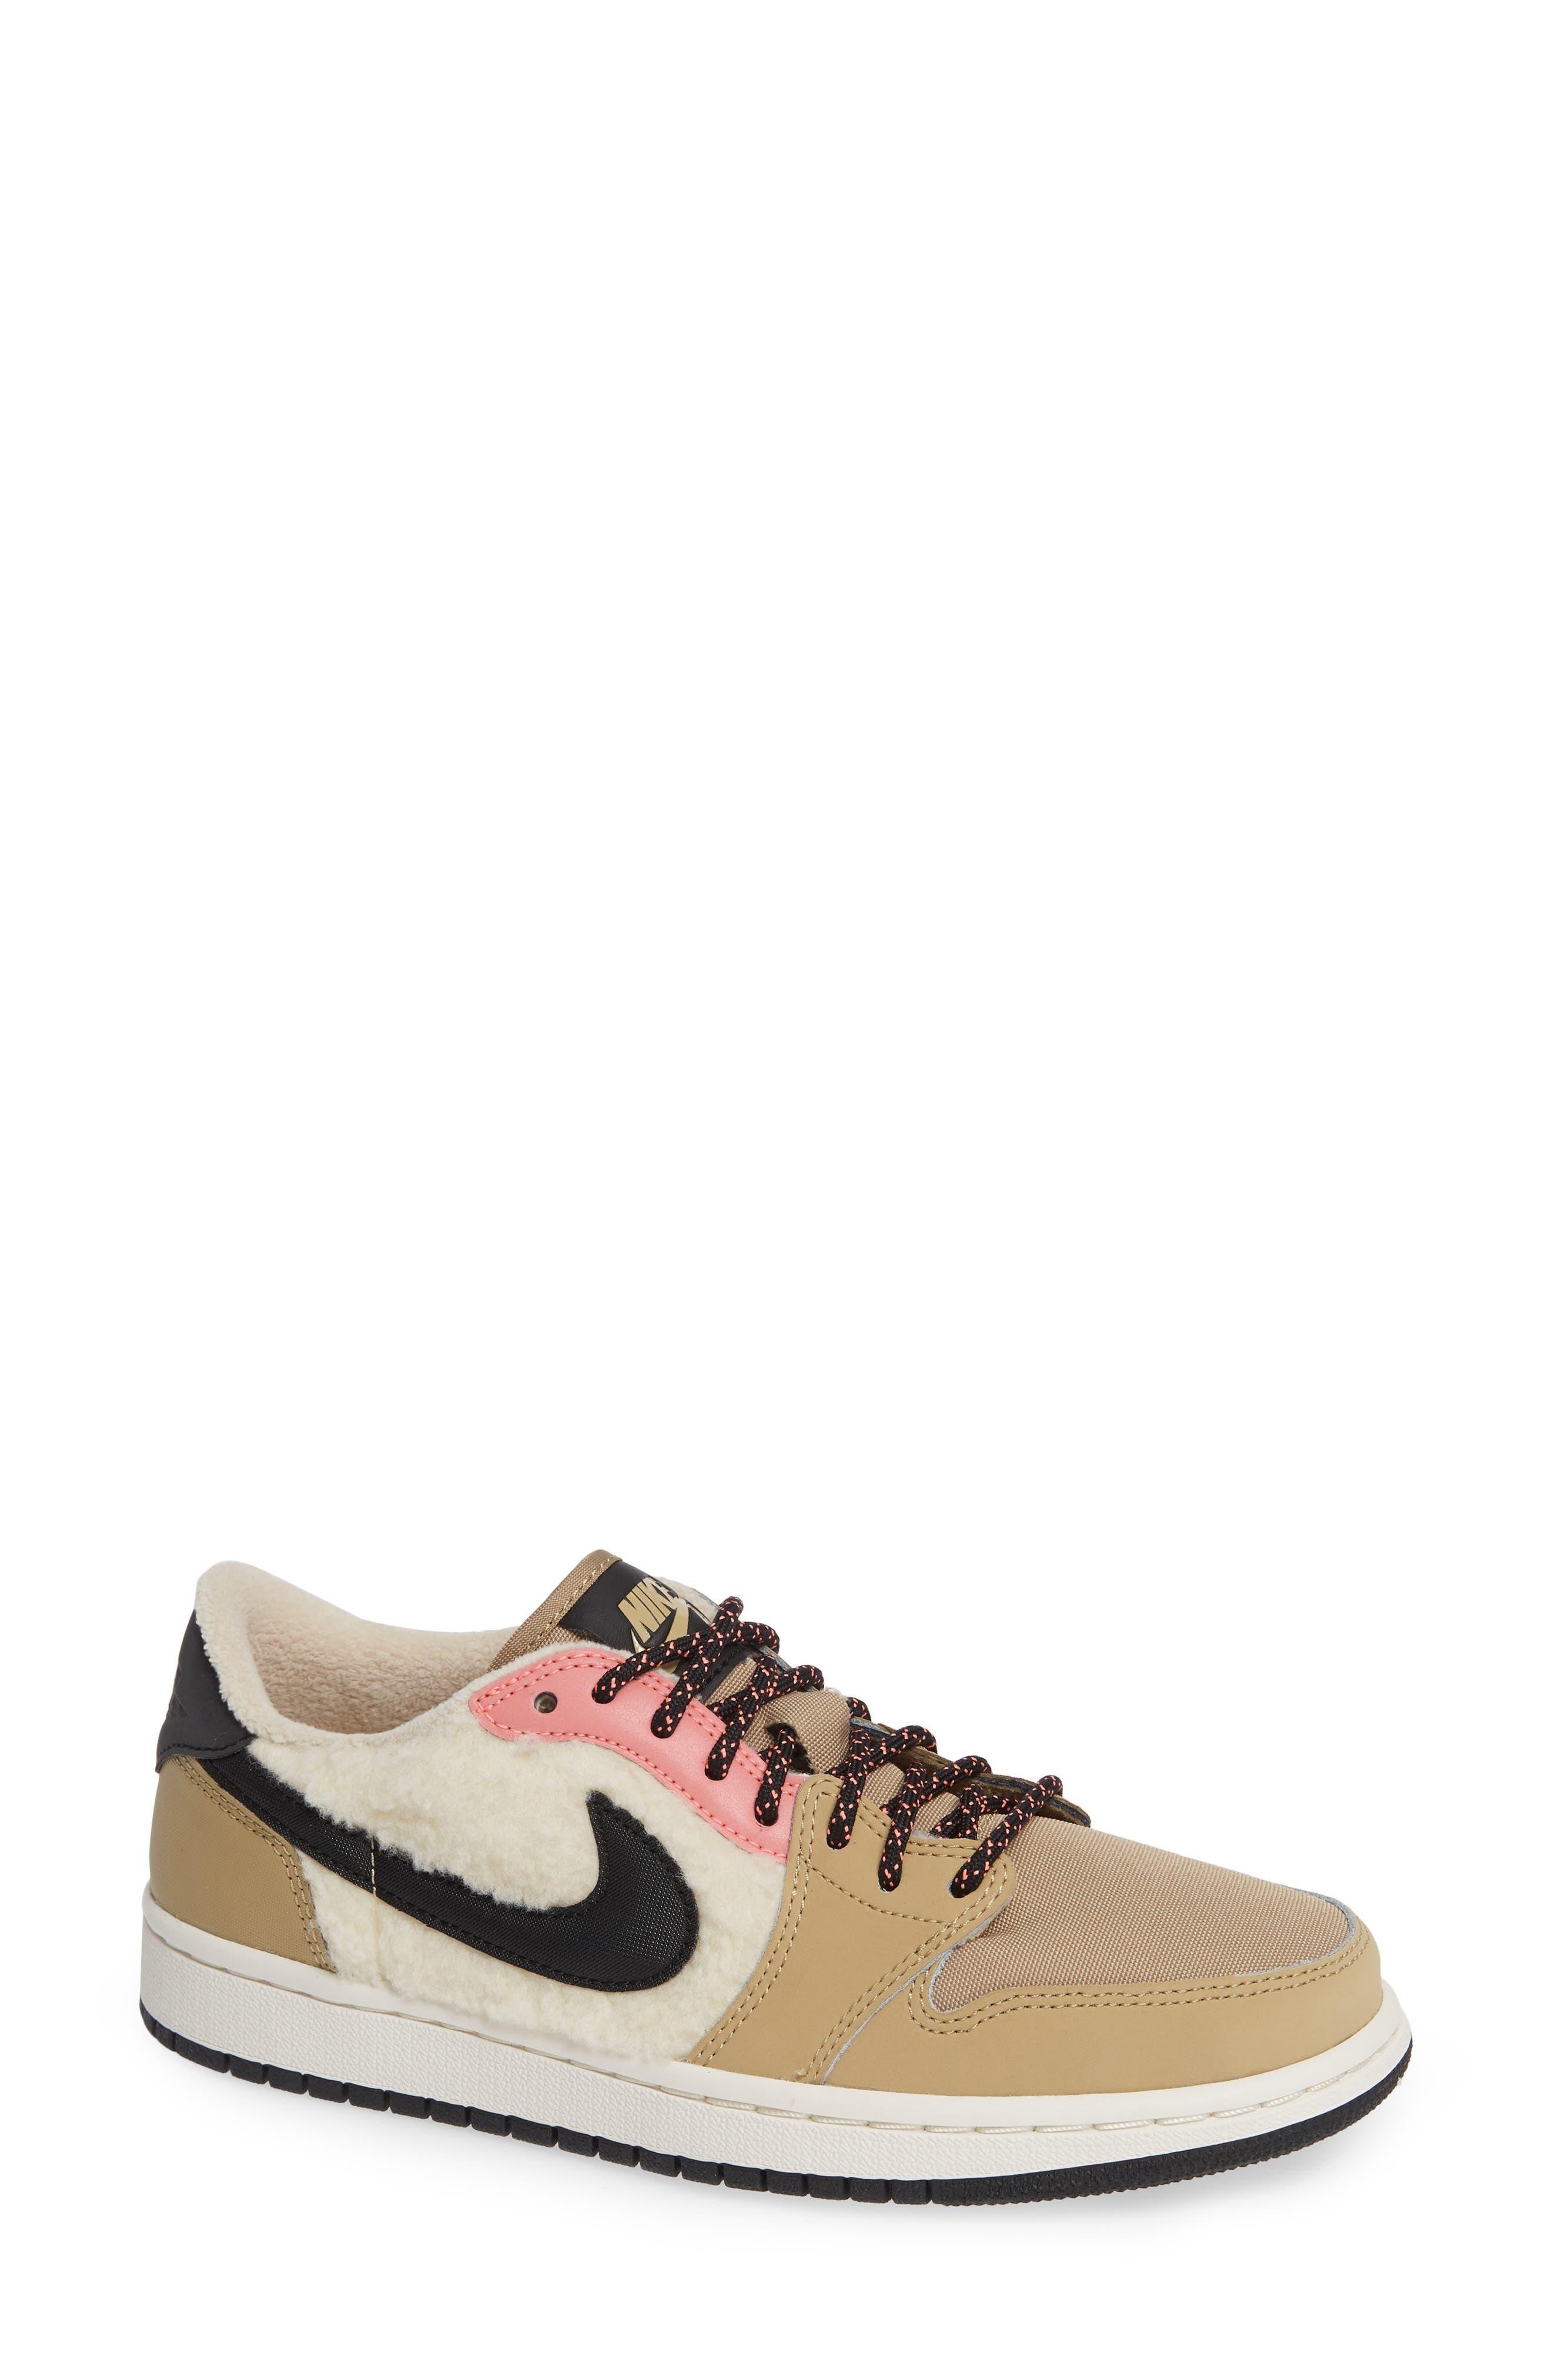 Nike Air Jordan 1 Retro Low OG Sneaker